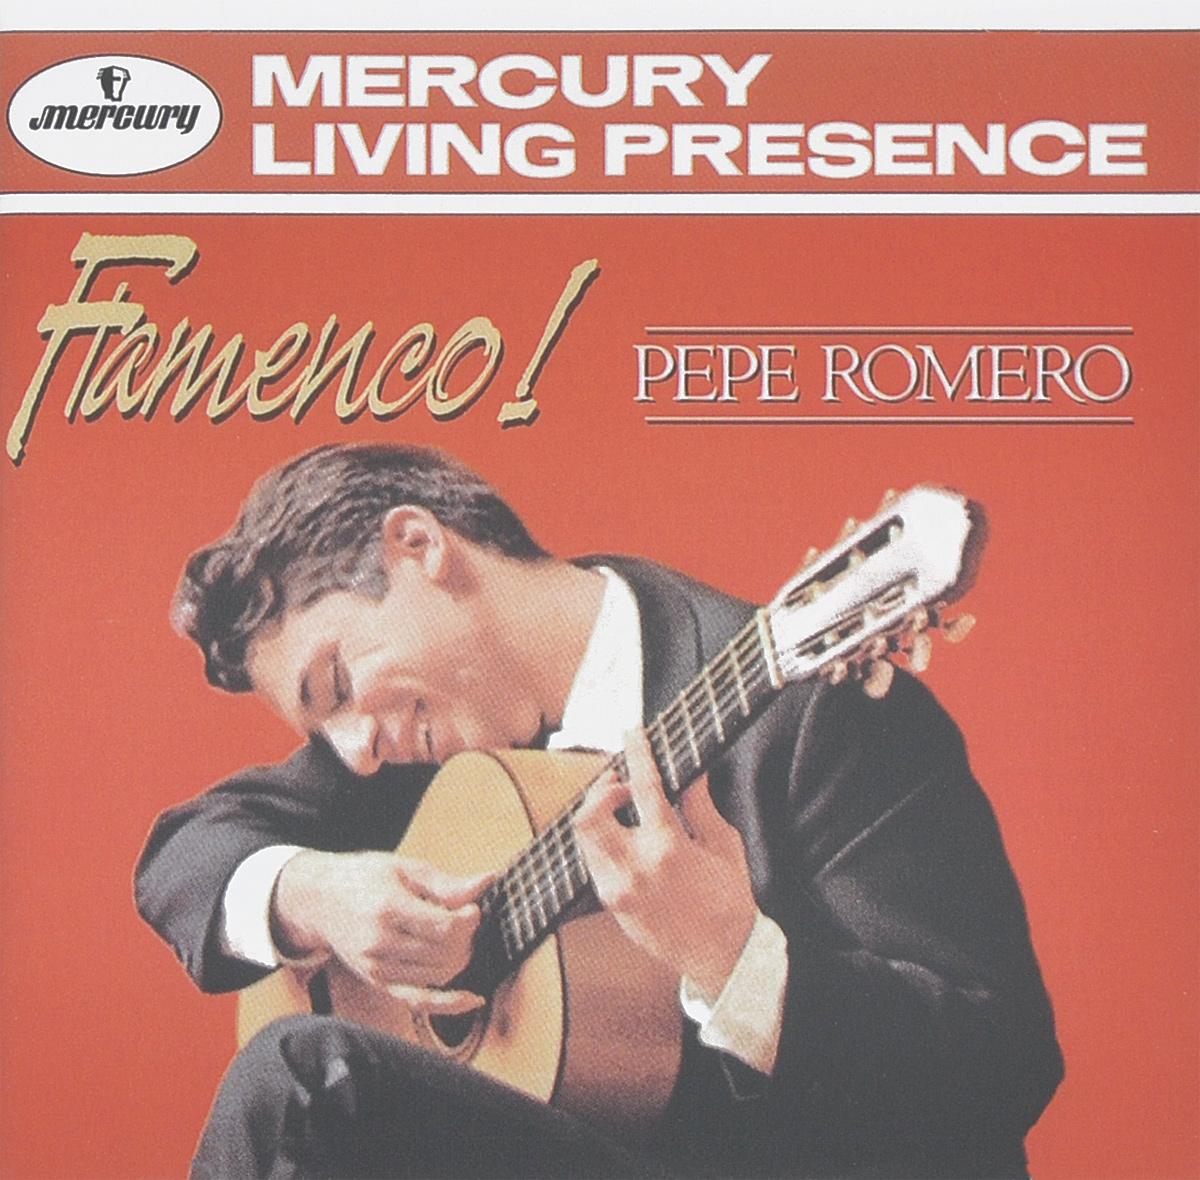 пепе ромеро pepe romero spanish nights Пепе Ромеро Pepe Romero. Flamenco!